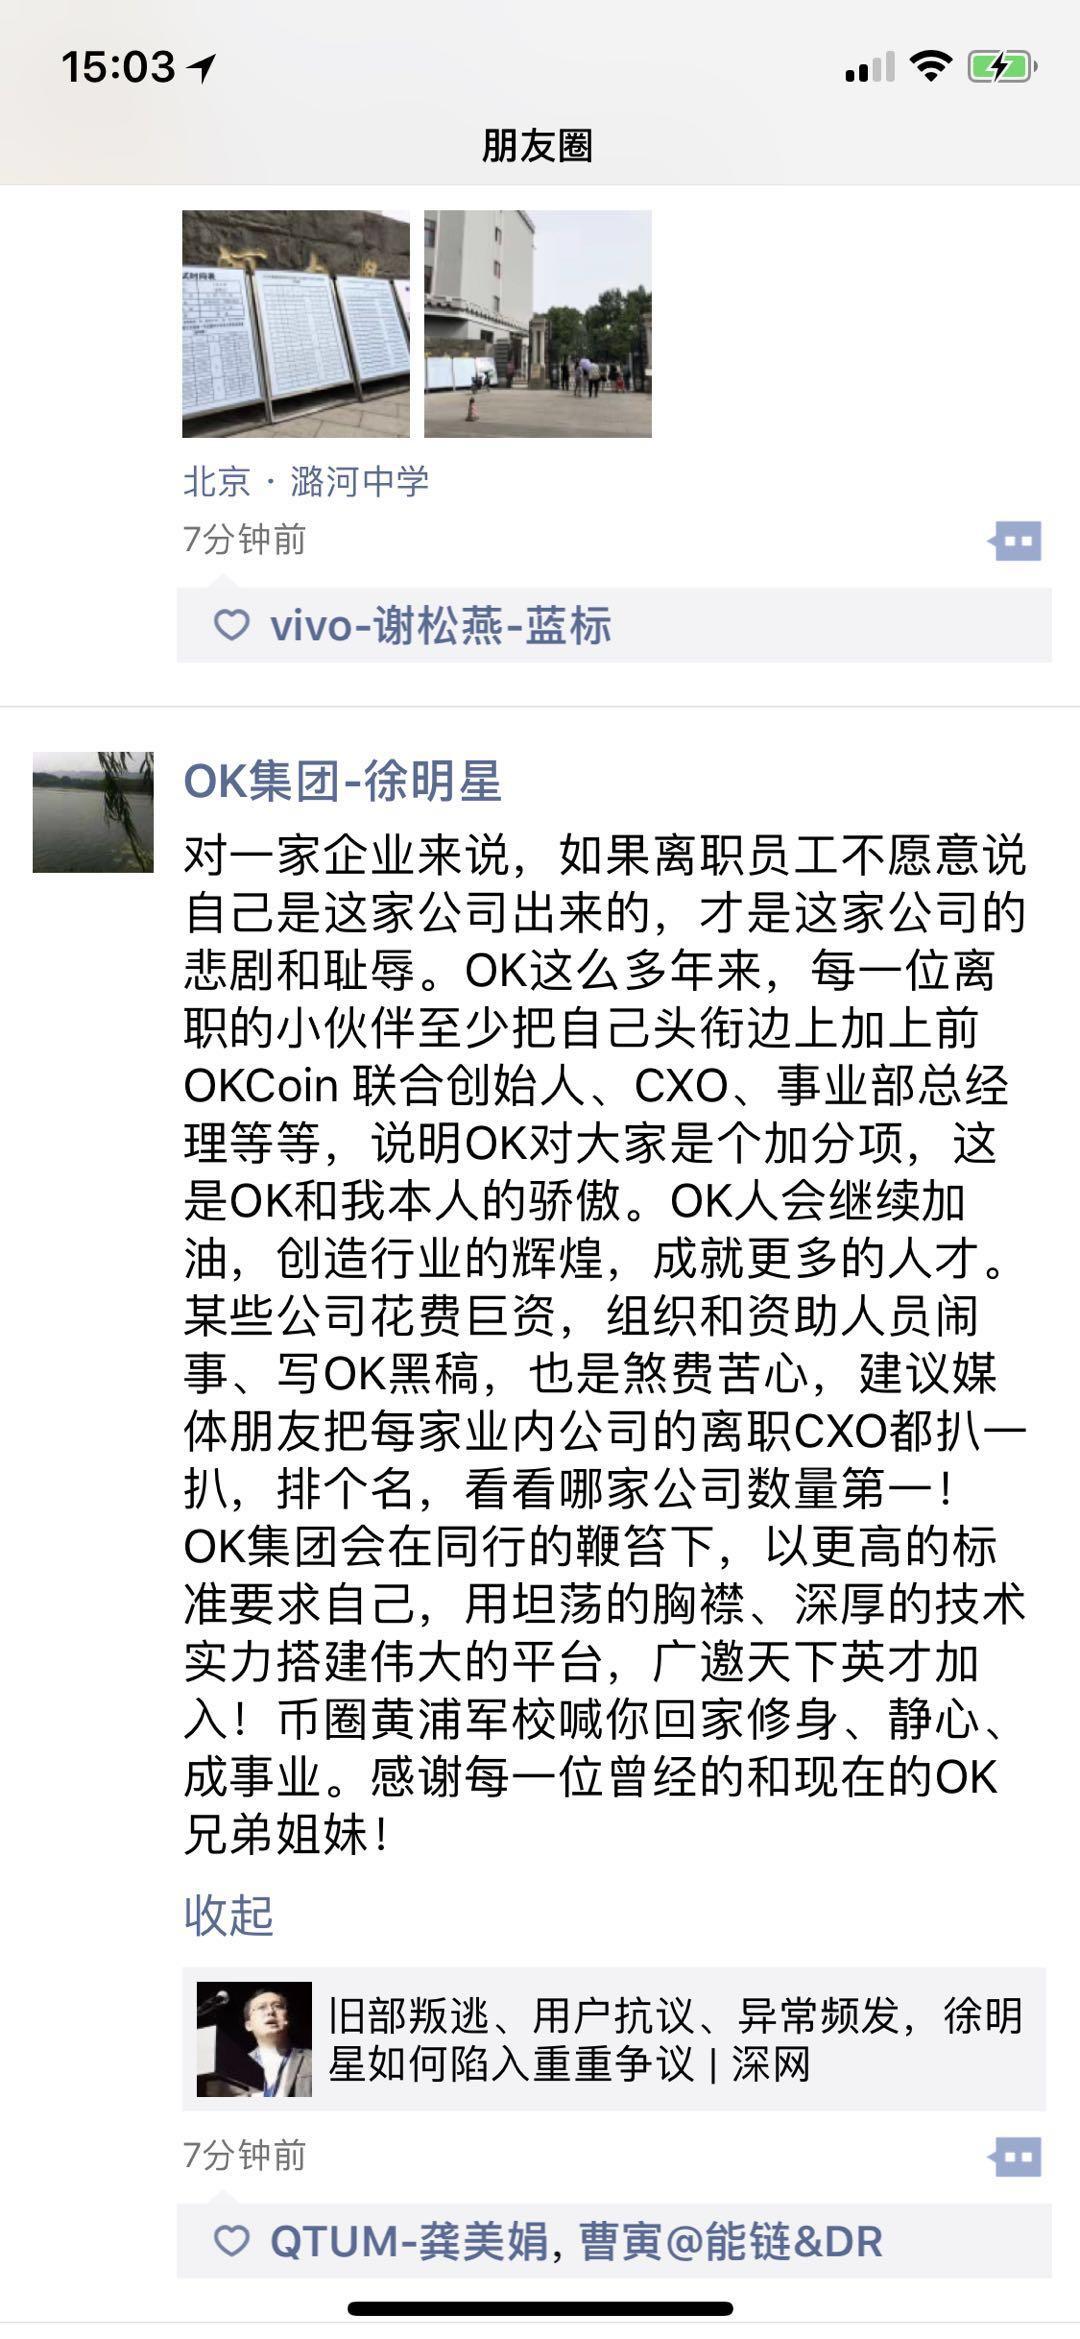 徐明星发朋友圈:建议媒体朋友把每家离职的CXO都扒一扒